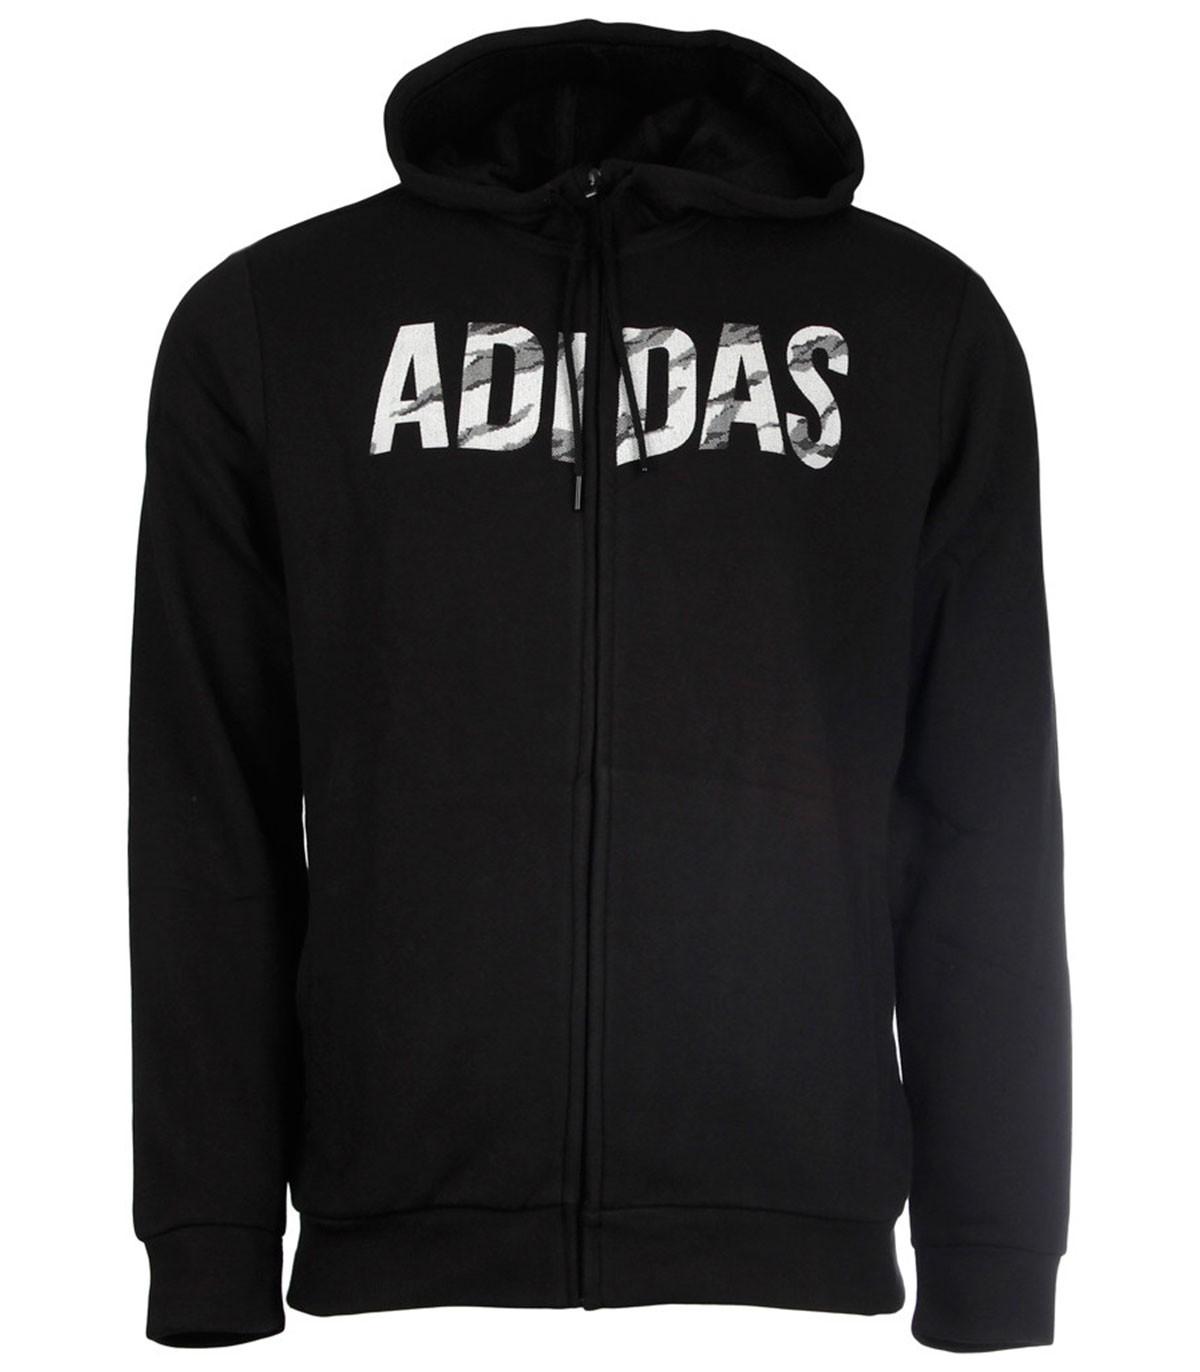 Adidas Comprar Osr Logo Sudadera Online wq4gtxgad